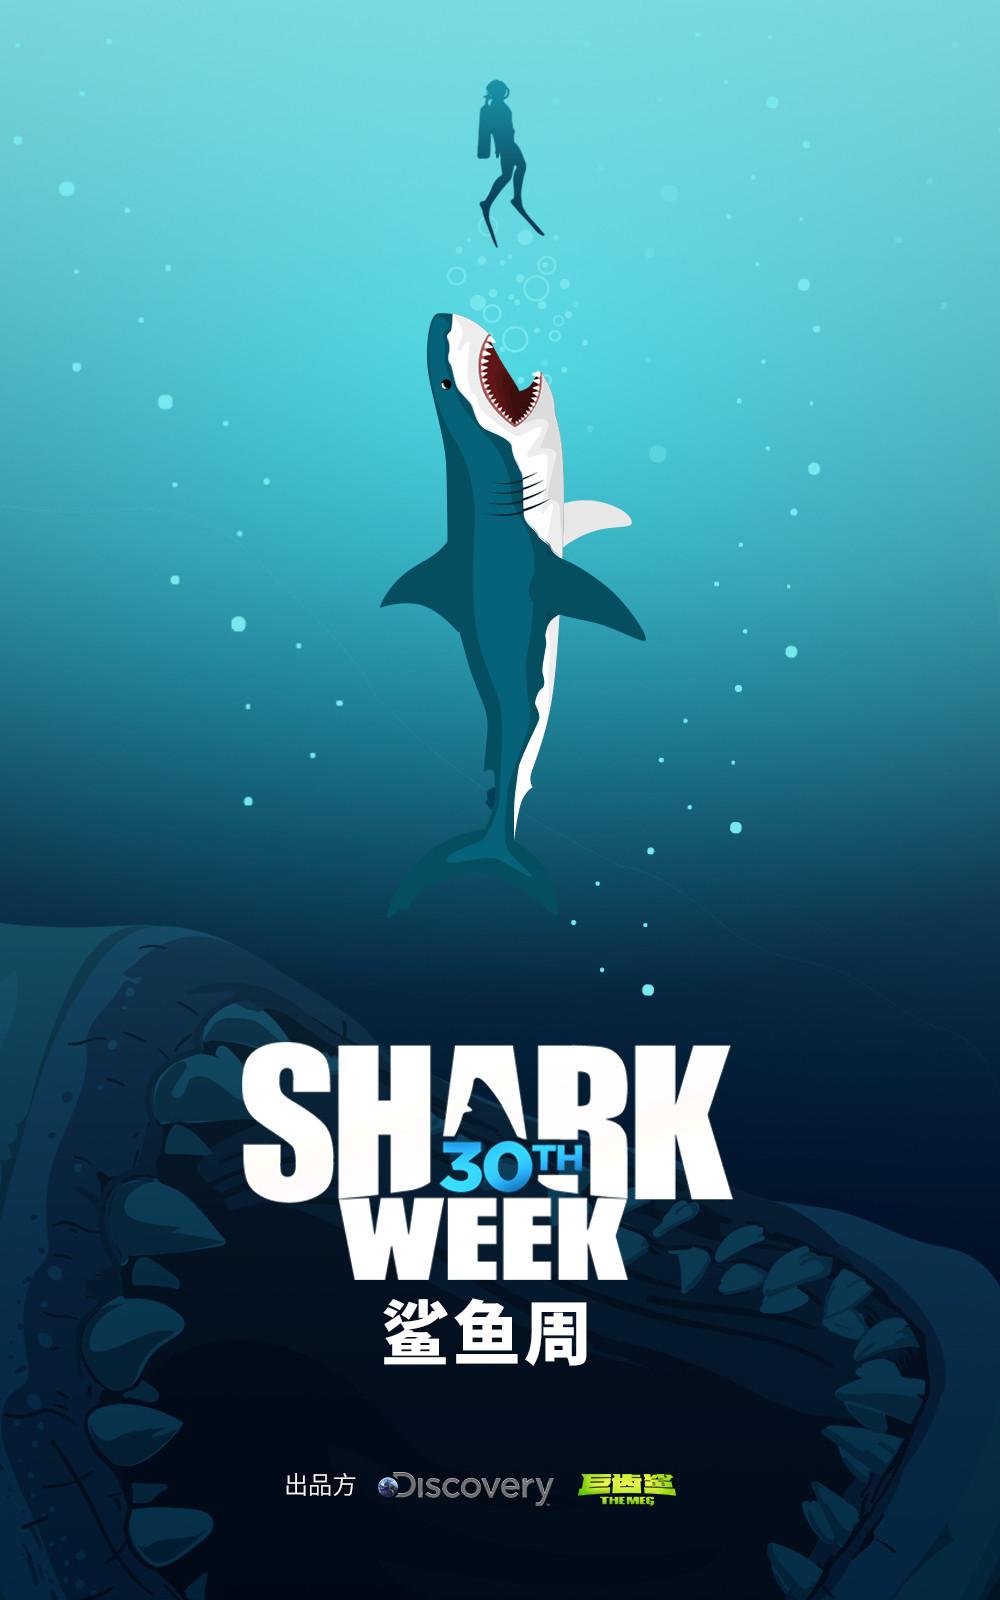 """[原创]Discovery纪录片《鲨鱼周》特辑亮相  解密""""巨齿鲨""""残暴怪举(图)"""